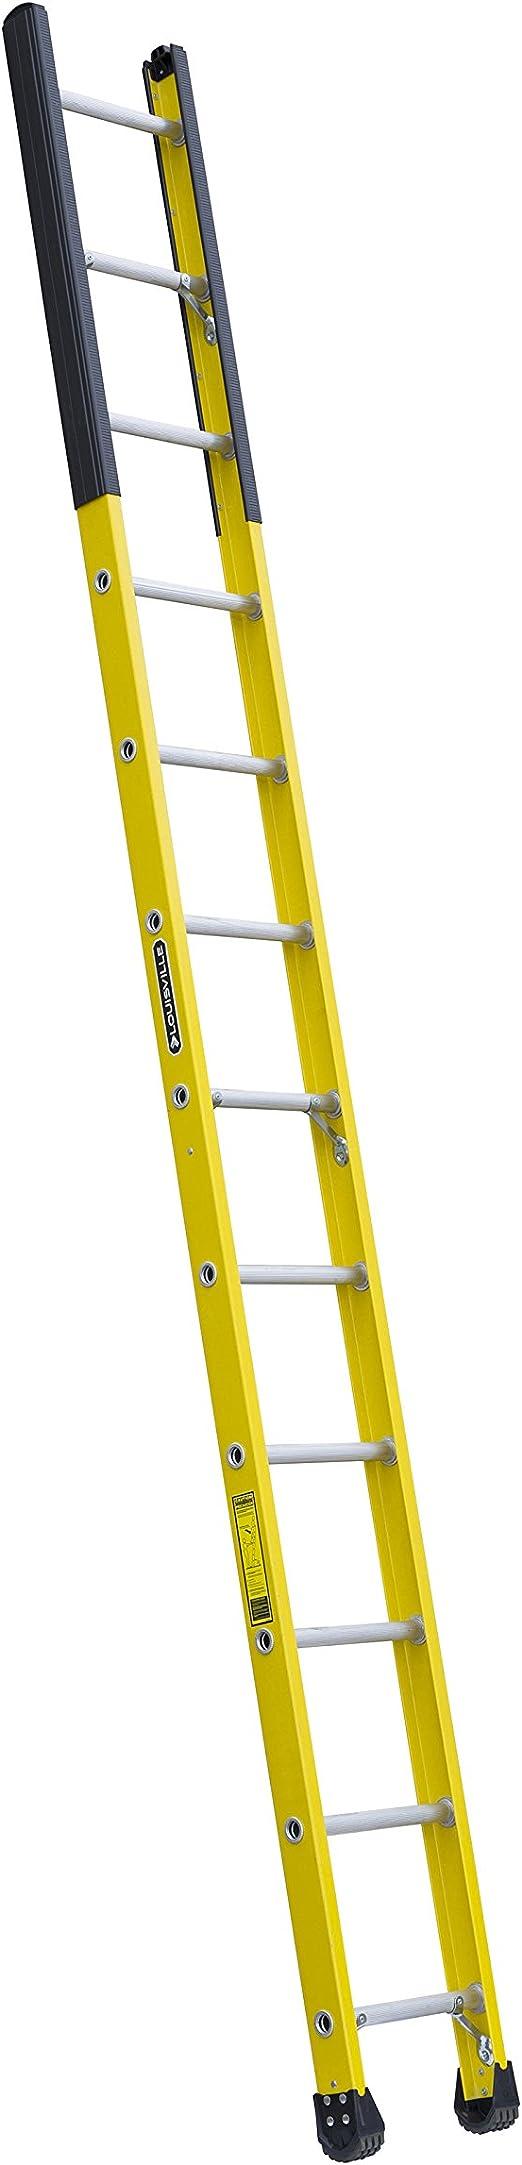 Louisville escalera fibra de vidrio escalera de alcantarilla, 375-pound deber calificación, tipo IAA, amarillo: Amazon.es: Bricolaje y herramientas